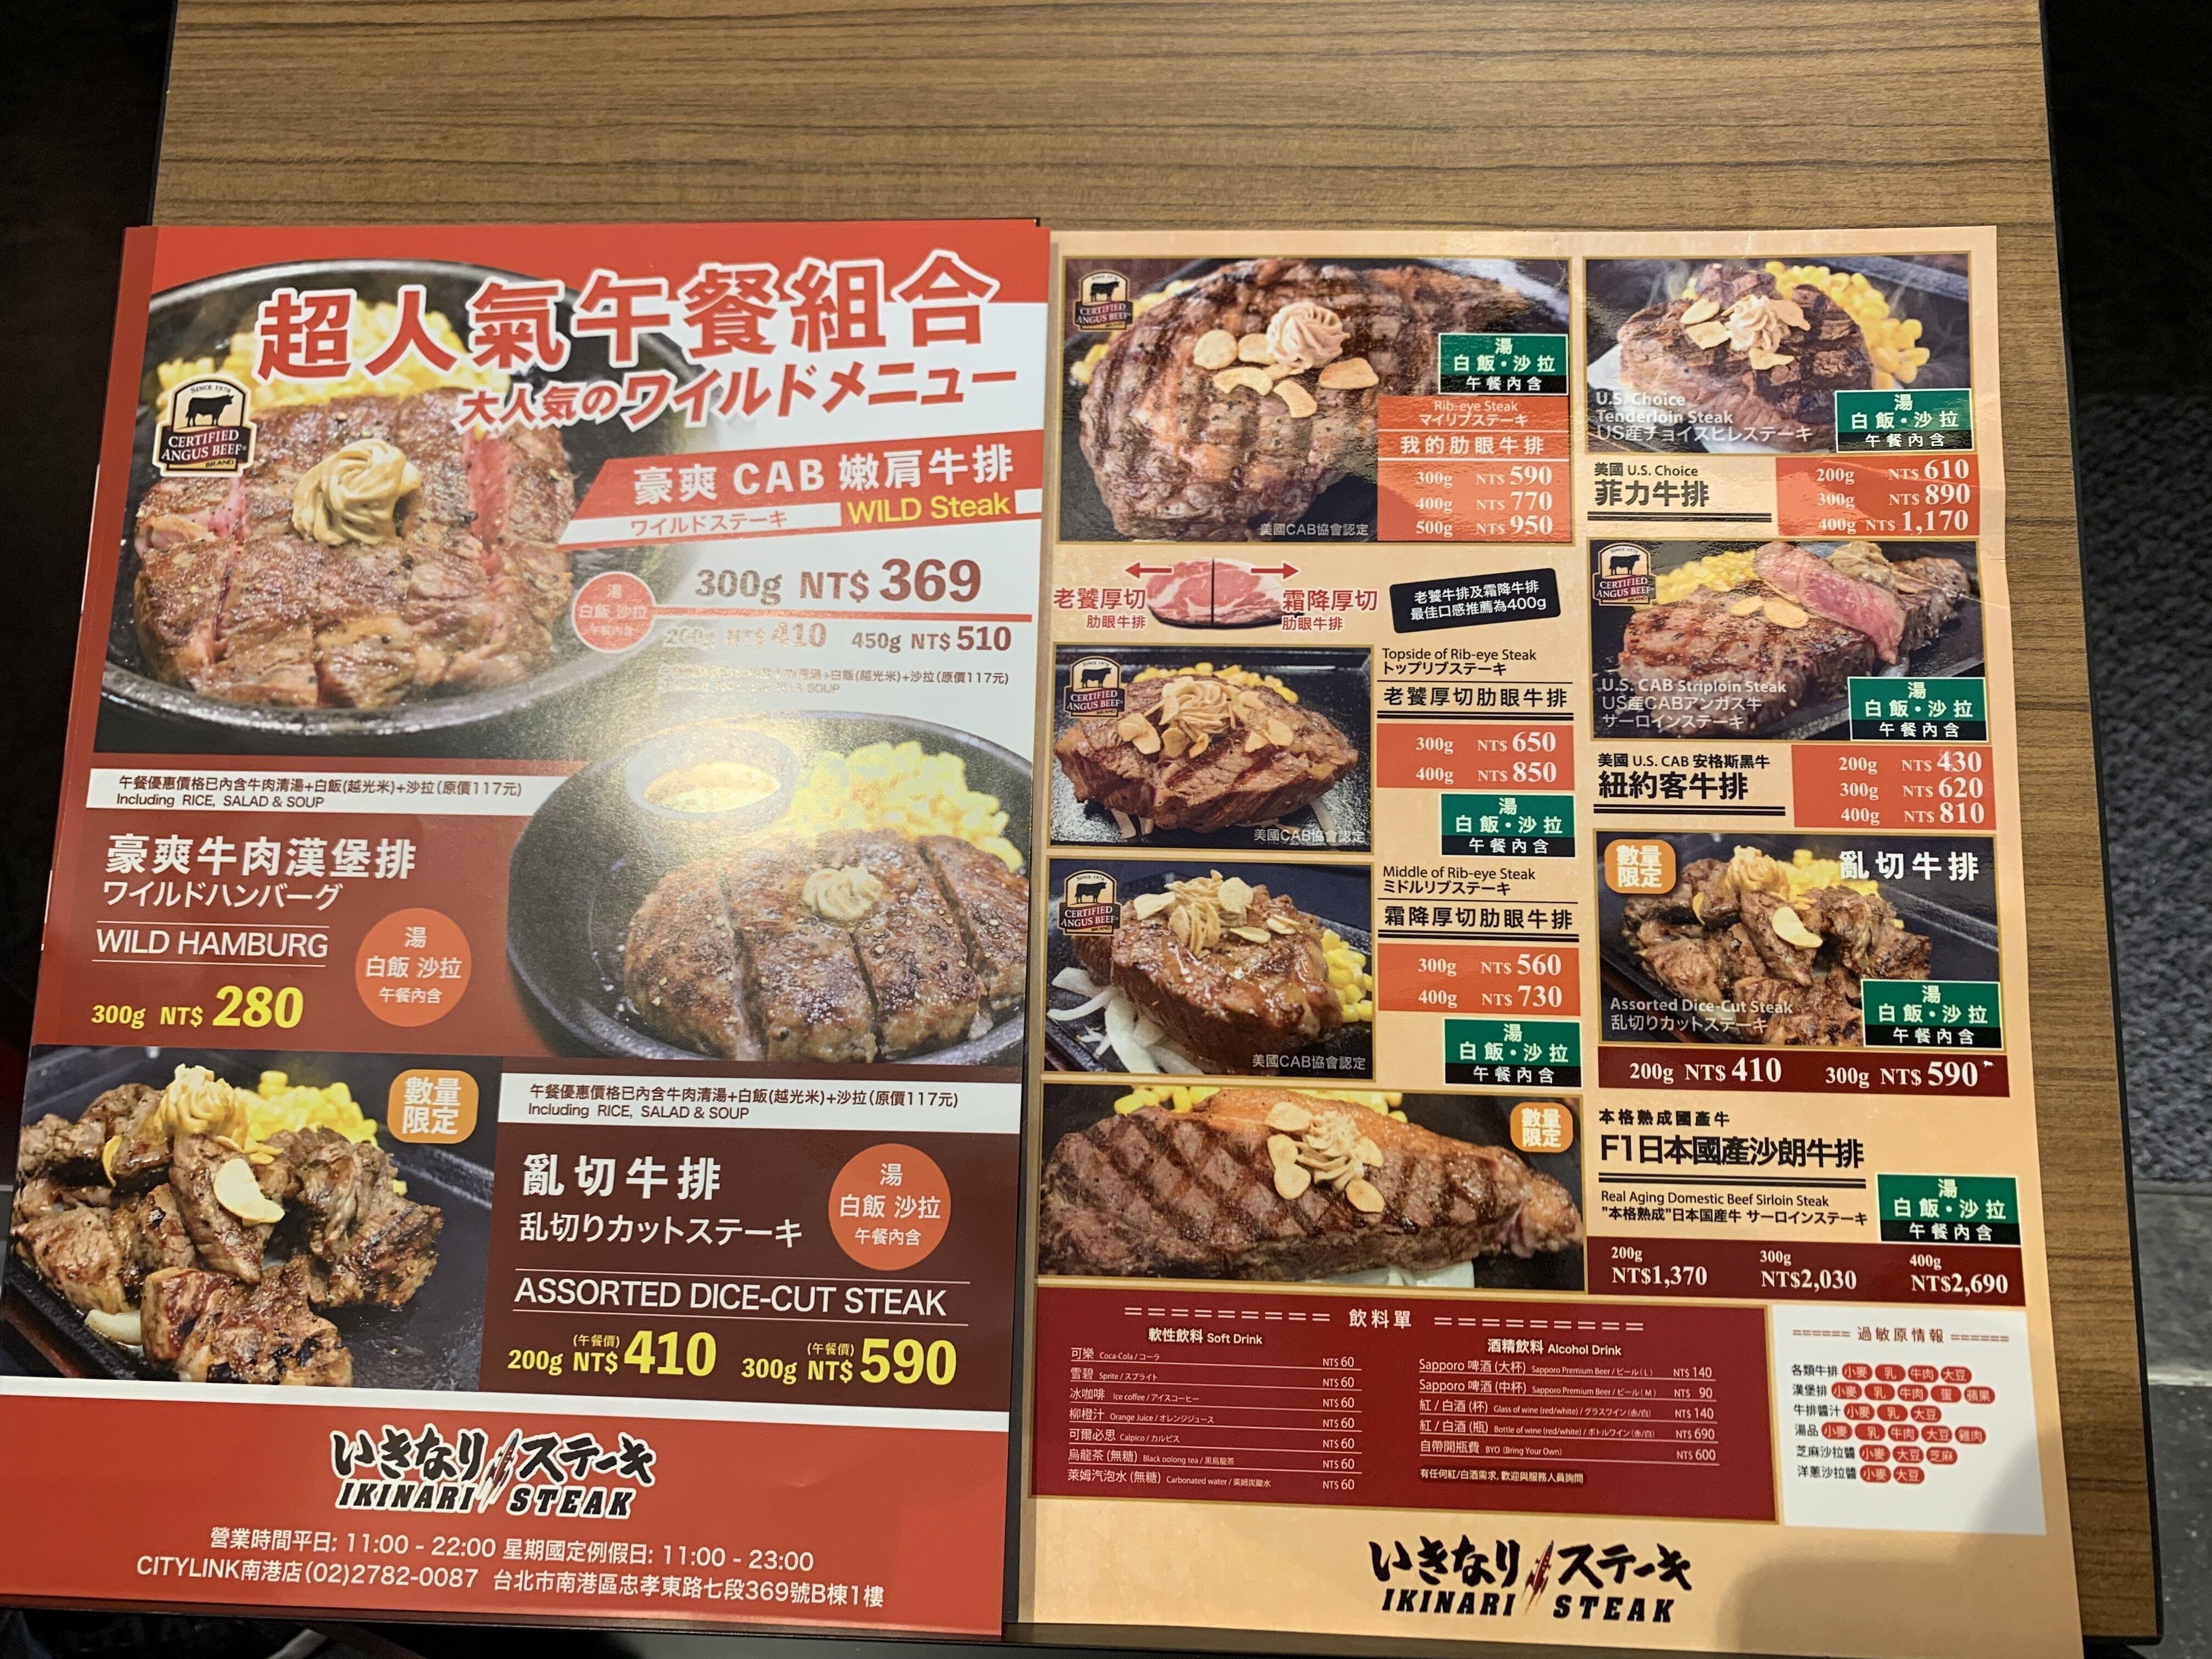 午餐以及一般肉類菜單與日本相同,價位也差不多。